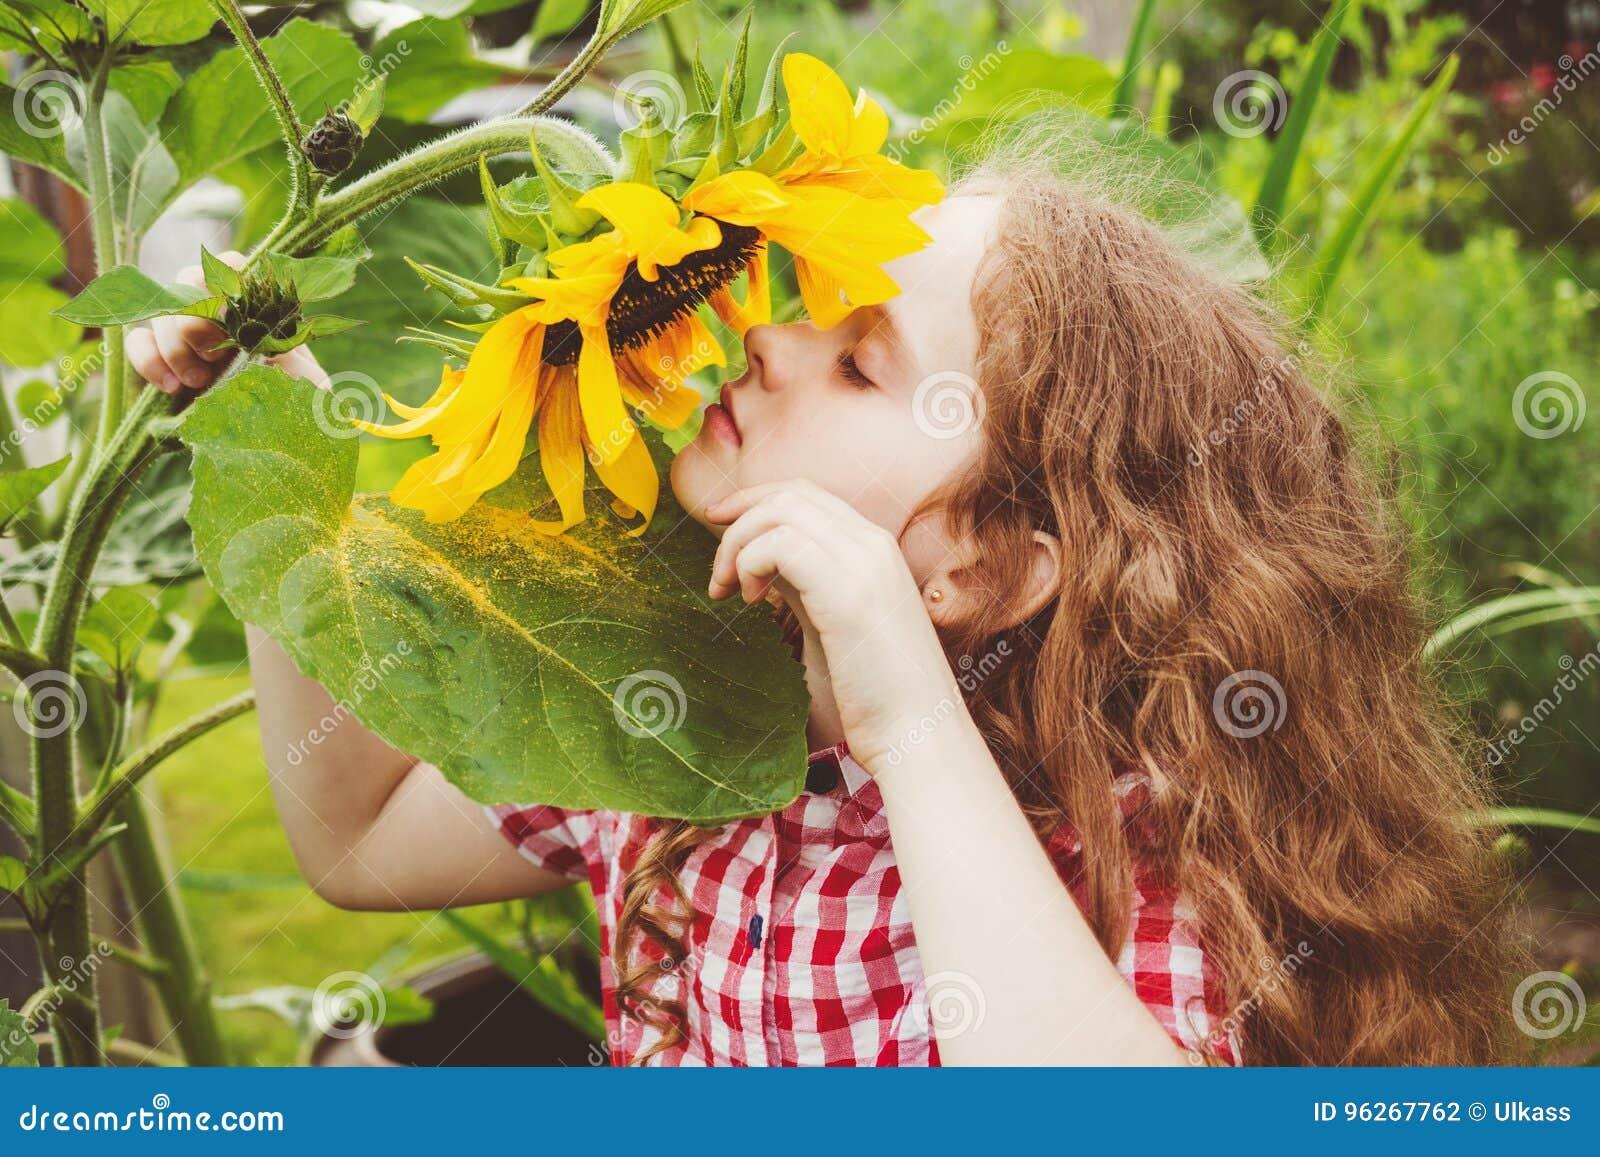 Girasol rizado del olor de la muchacha que disfruta de la naturaleza en día soleado del verano